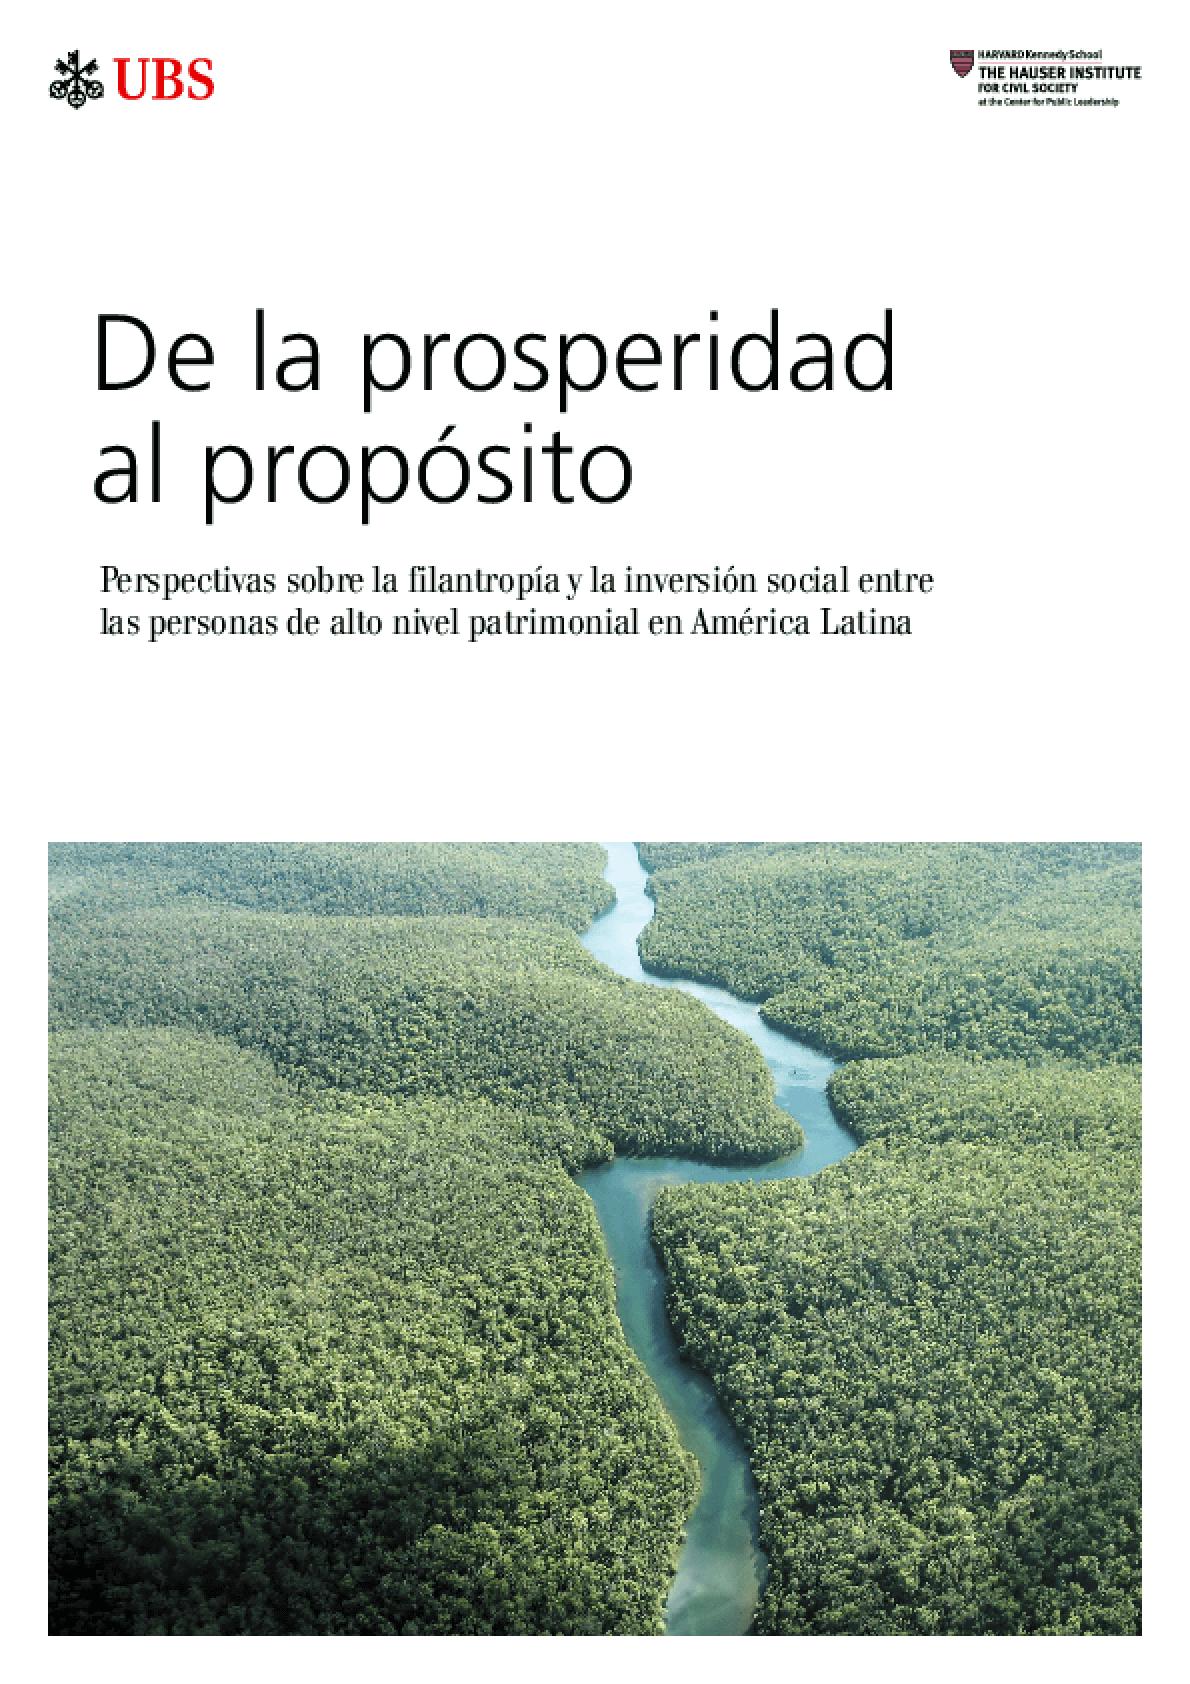 De la prosperidad al propósito: Perspectivas sobre la filantropía y la inversión social entre las personas de alto nivel patrimonial en América Latina